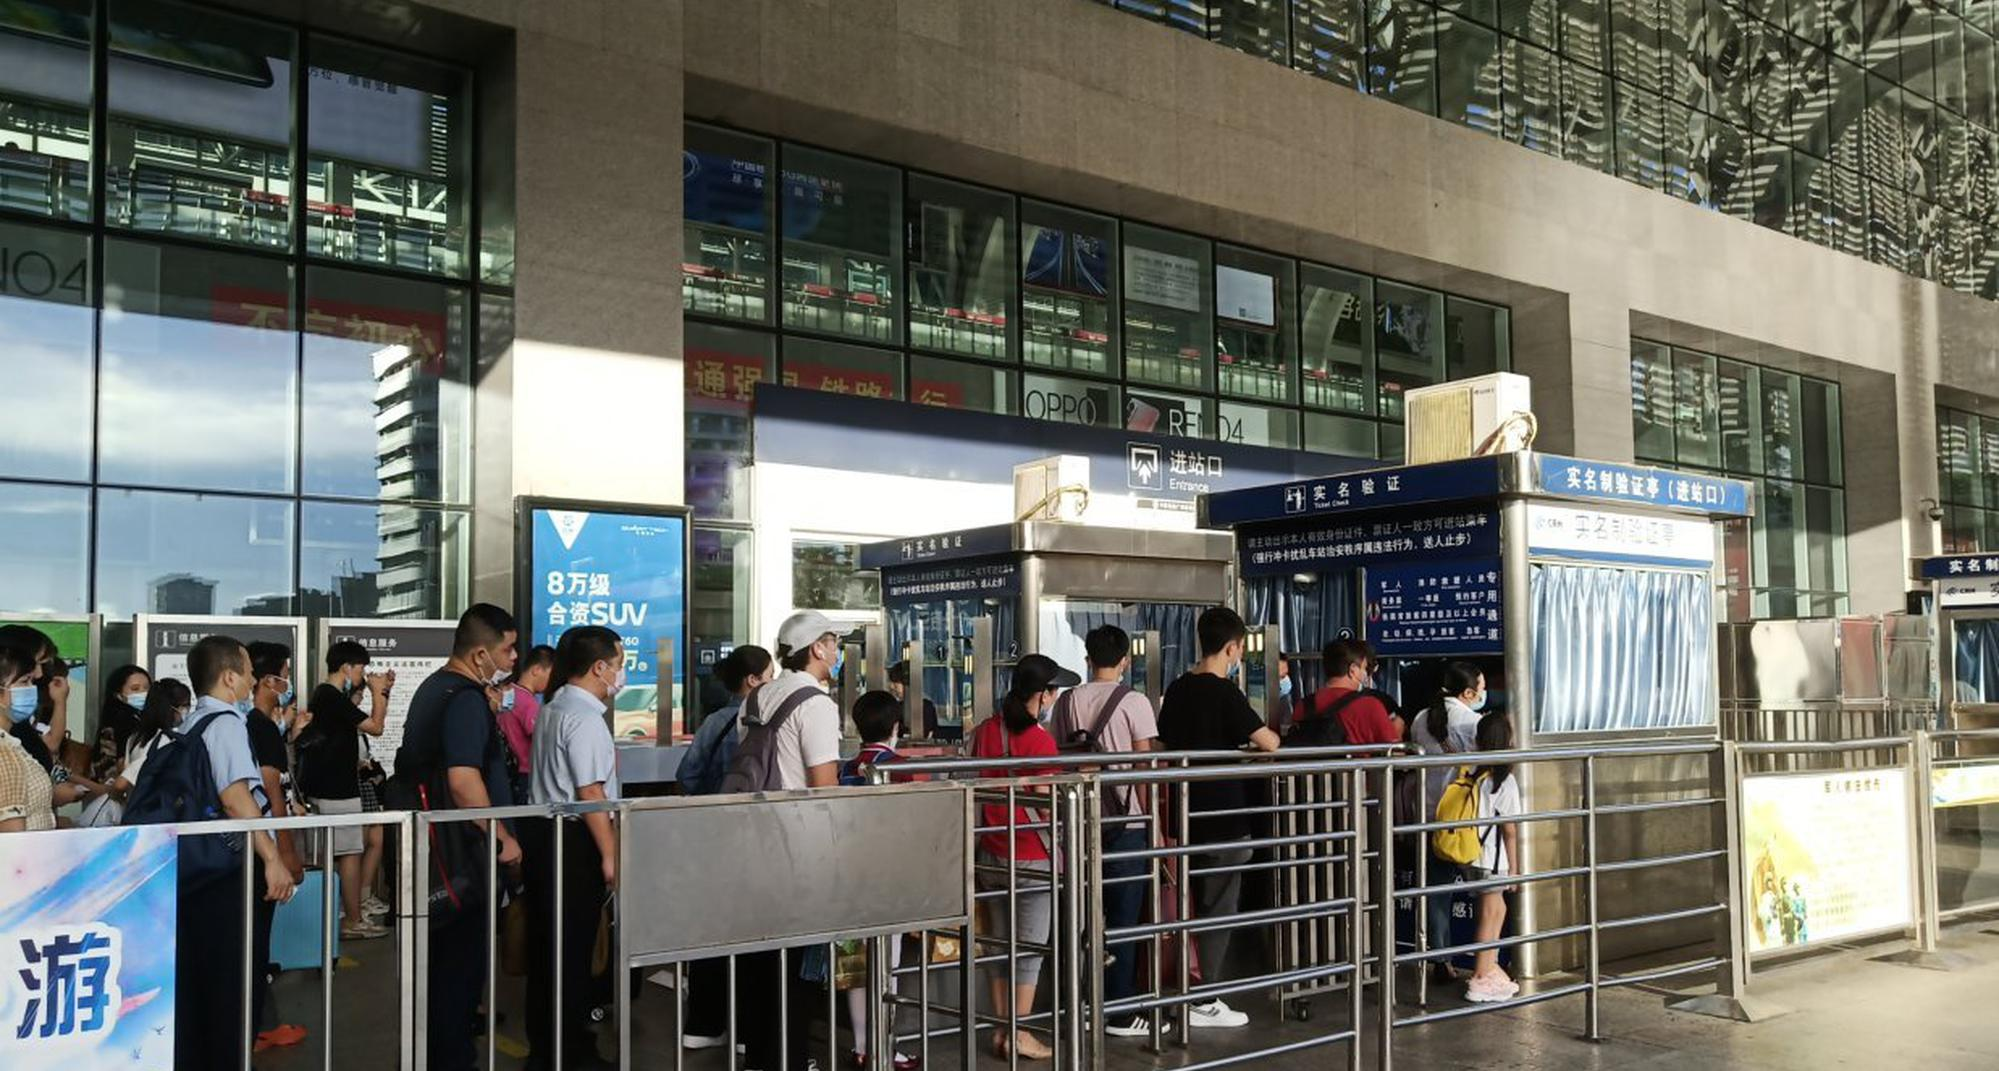 同比增长9.9%!黄金周首日海南环岛高铁发送旅客13万人次